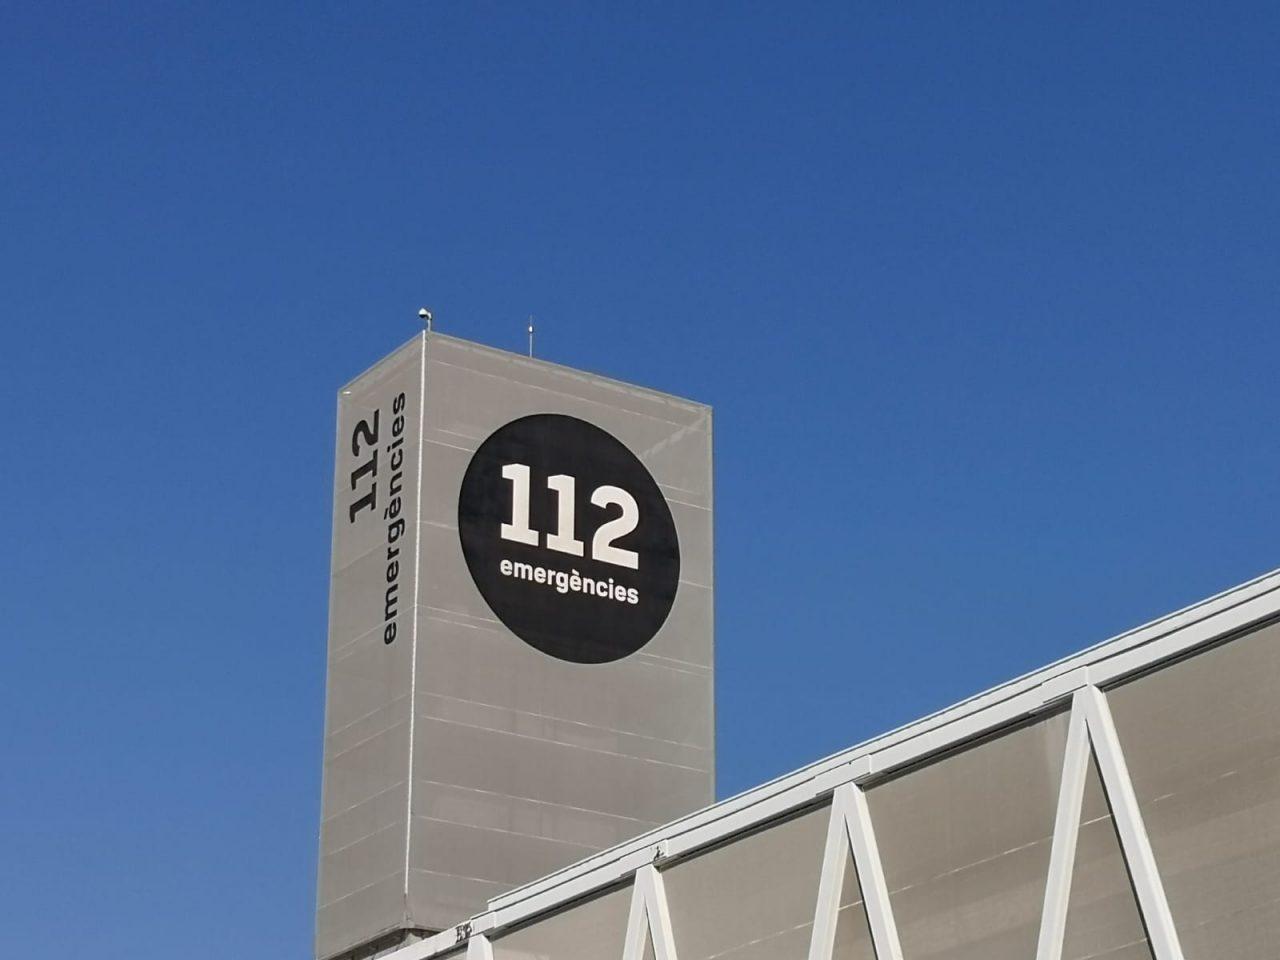 112-edifici_reus-1280x960.jpg